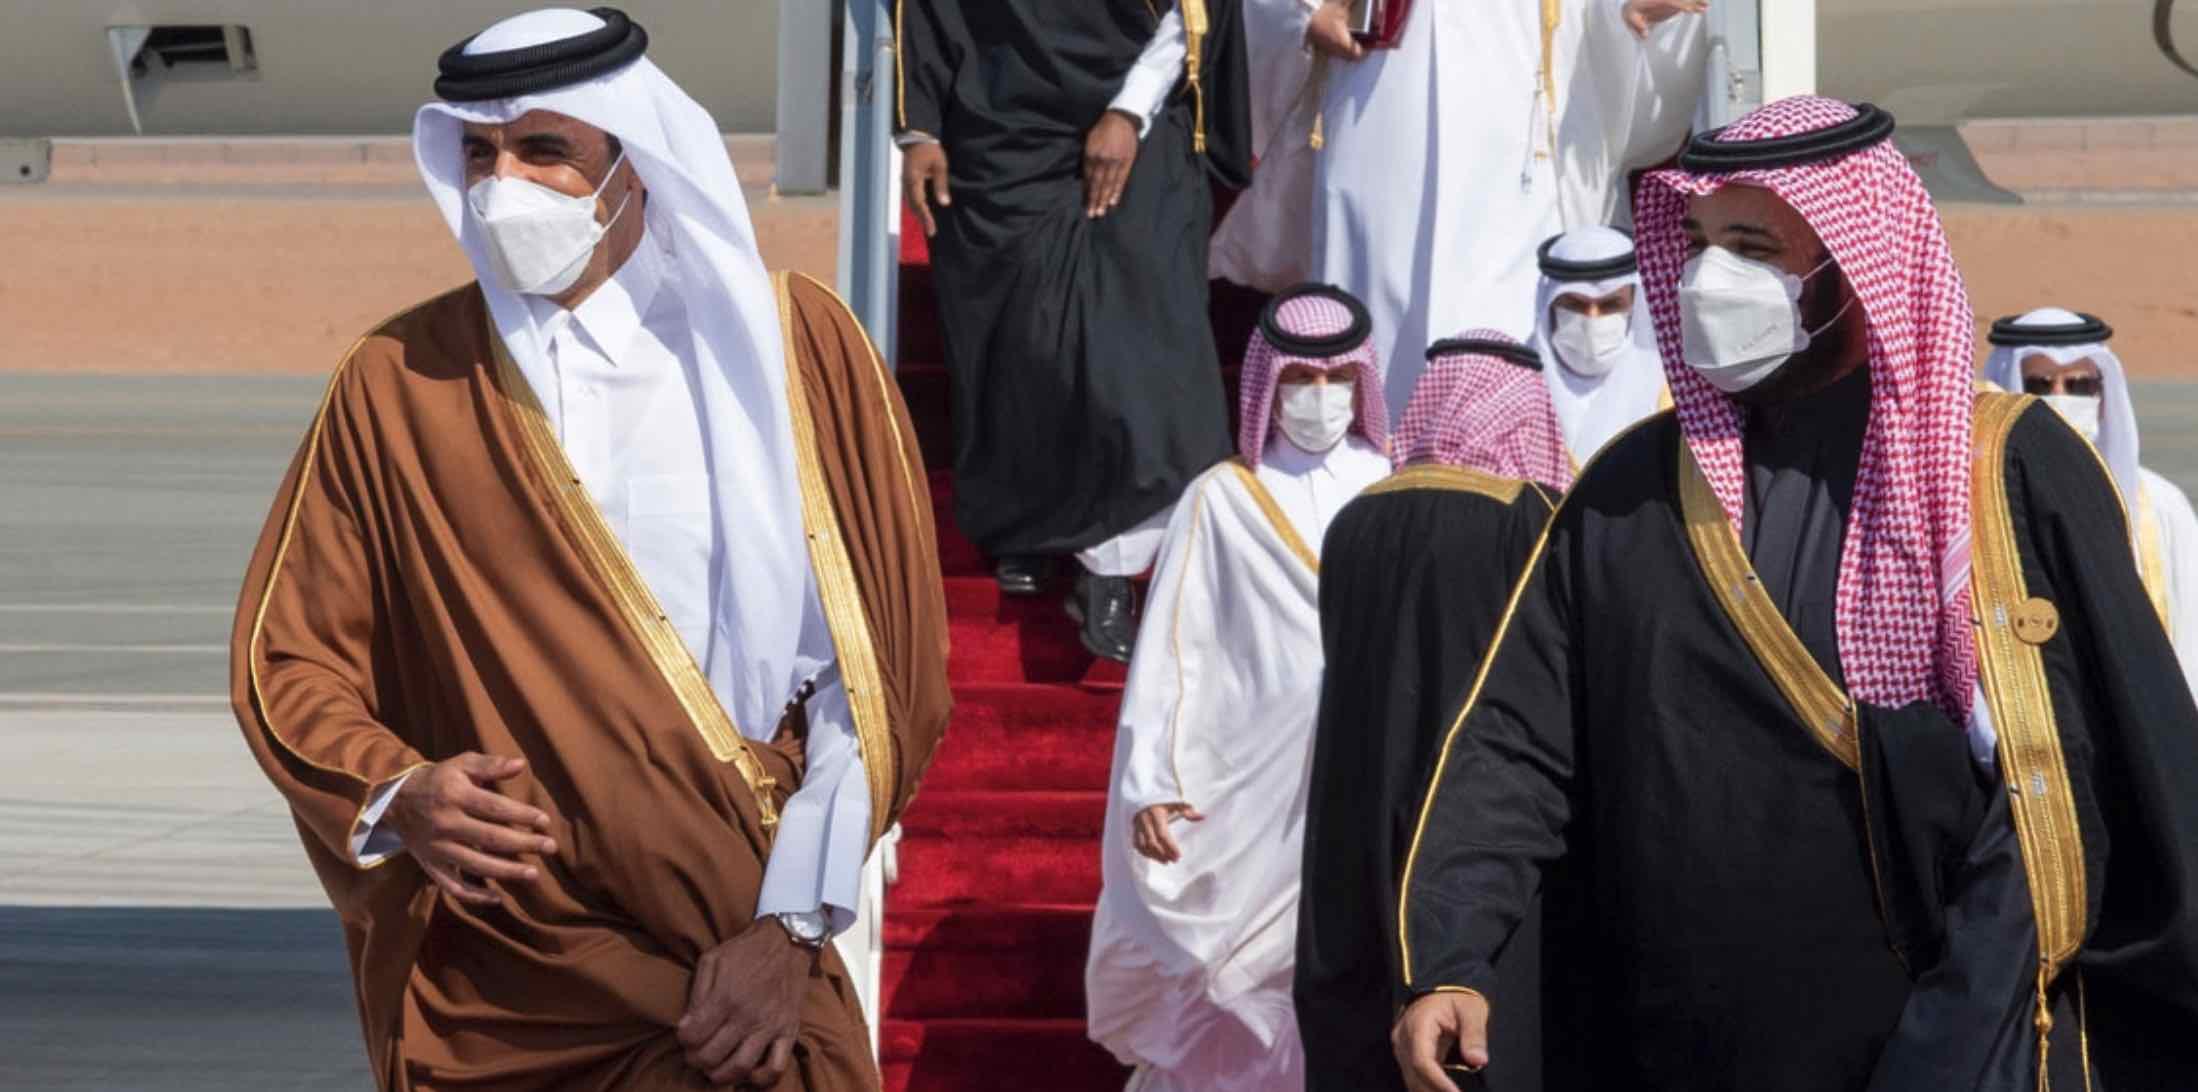 Consejo de Cooperación en el Golfo, Qatar, Arabia Saudí, Geopolítica, Irán